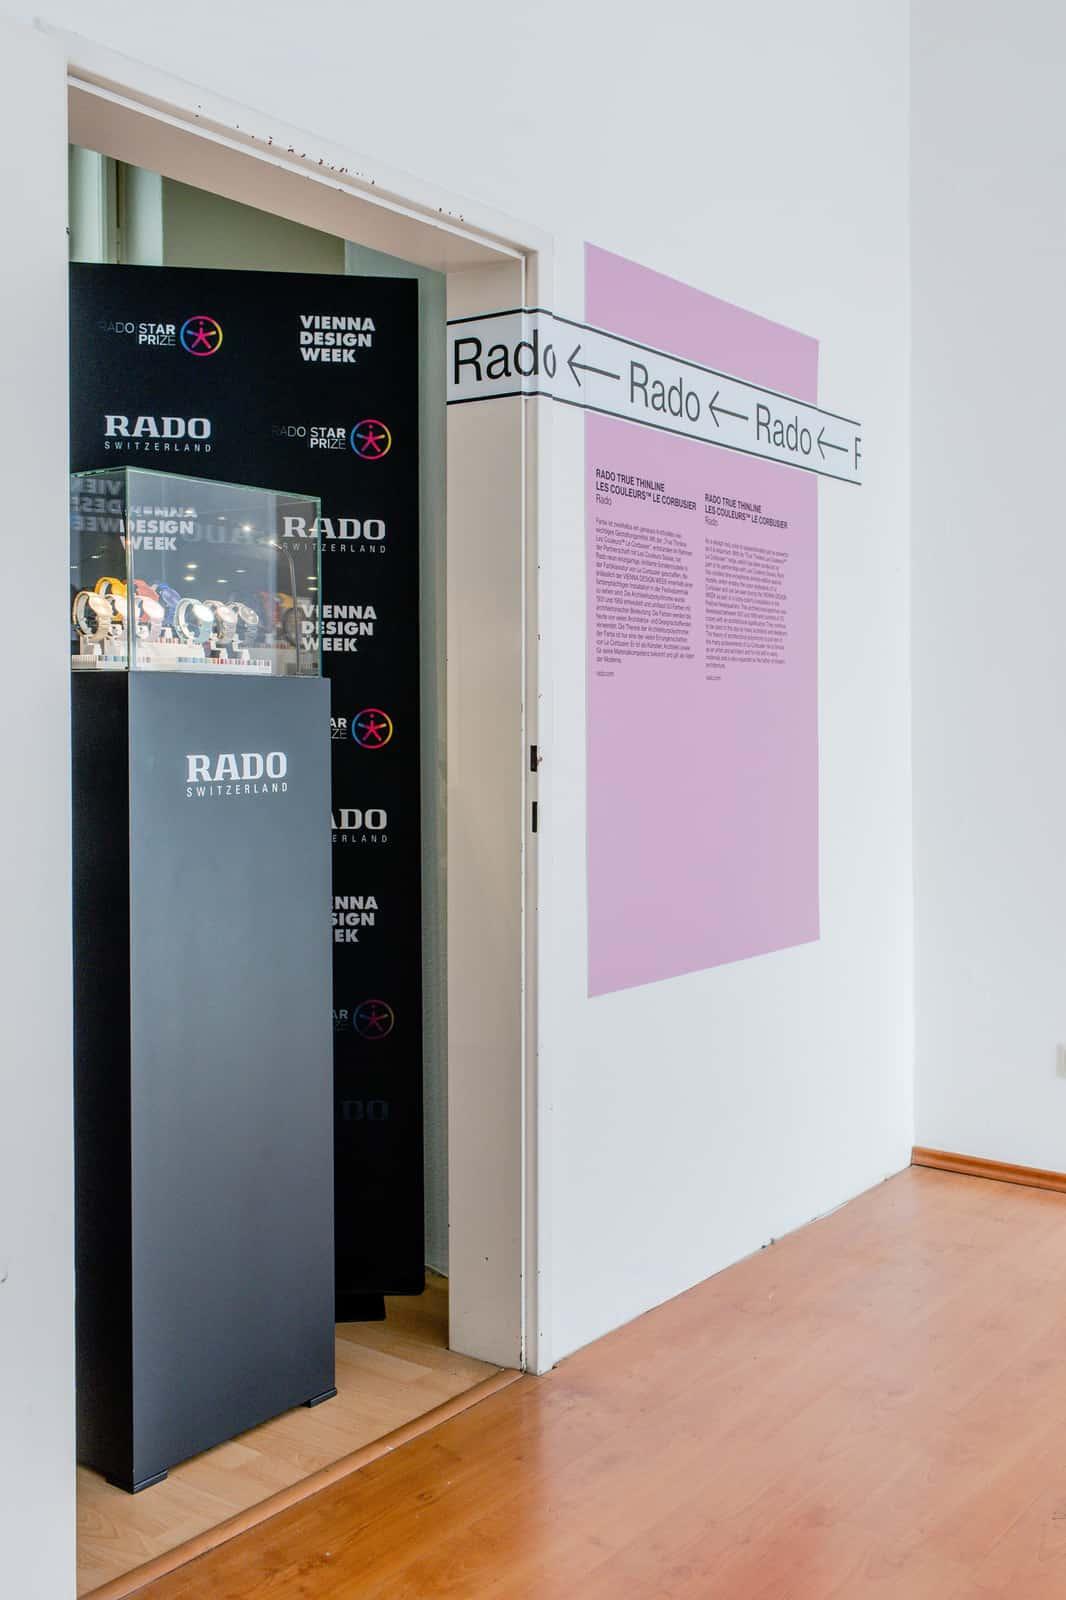 Rado - RADO TRUE THINLINE (Copyright VIENNA DESIGN WEEK - Kramar - Kollektiv Fischka, Vienna Design Week)